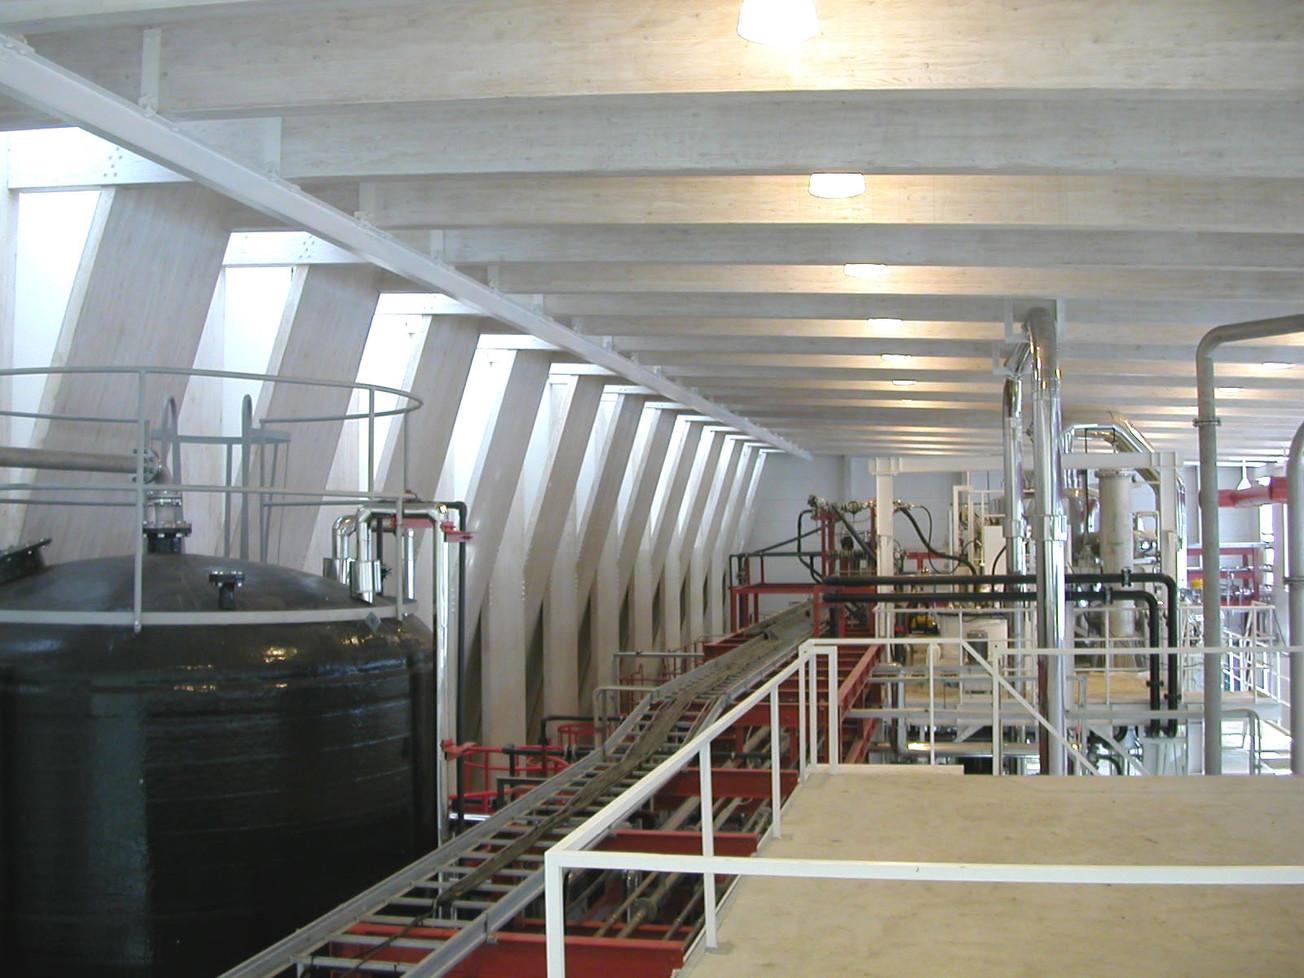 interior of factory.jpg